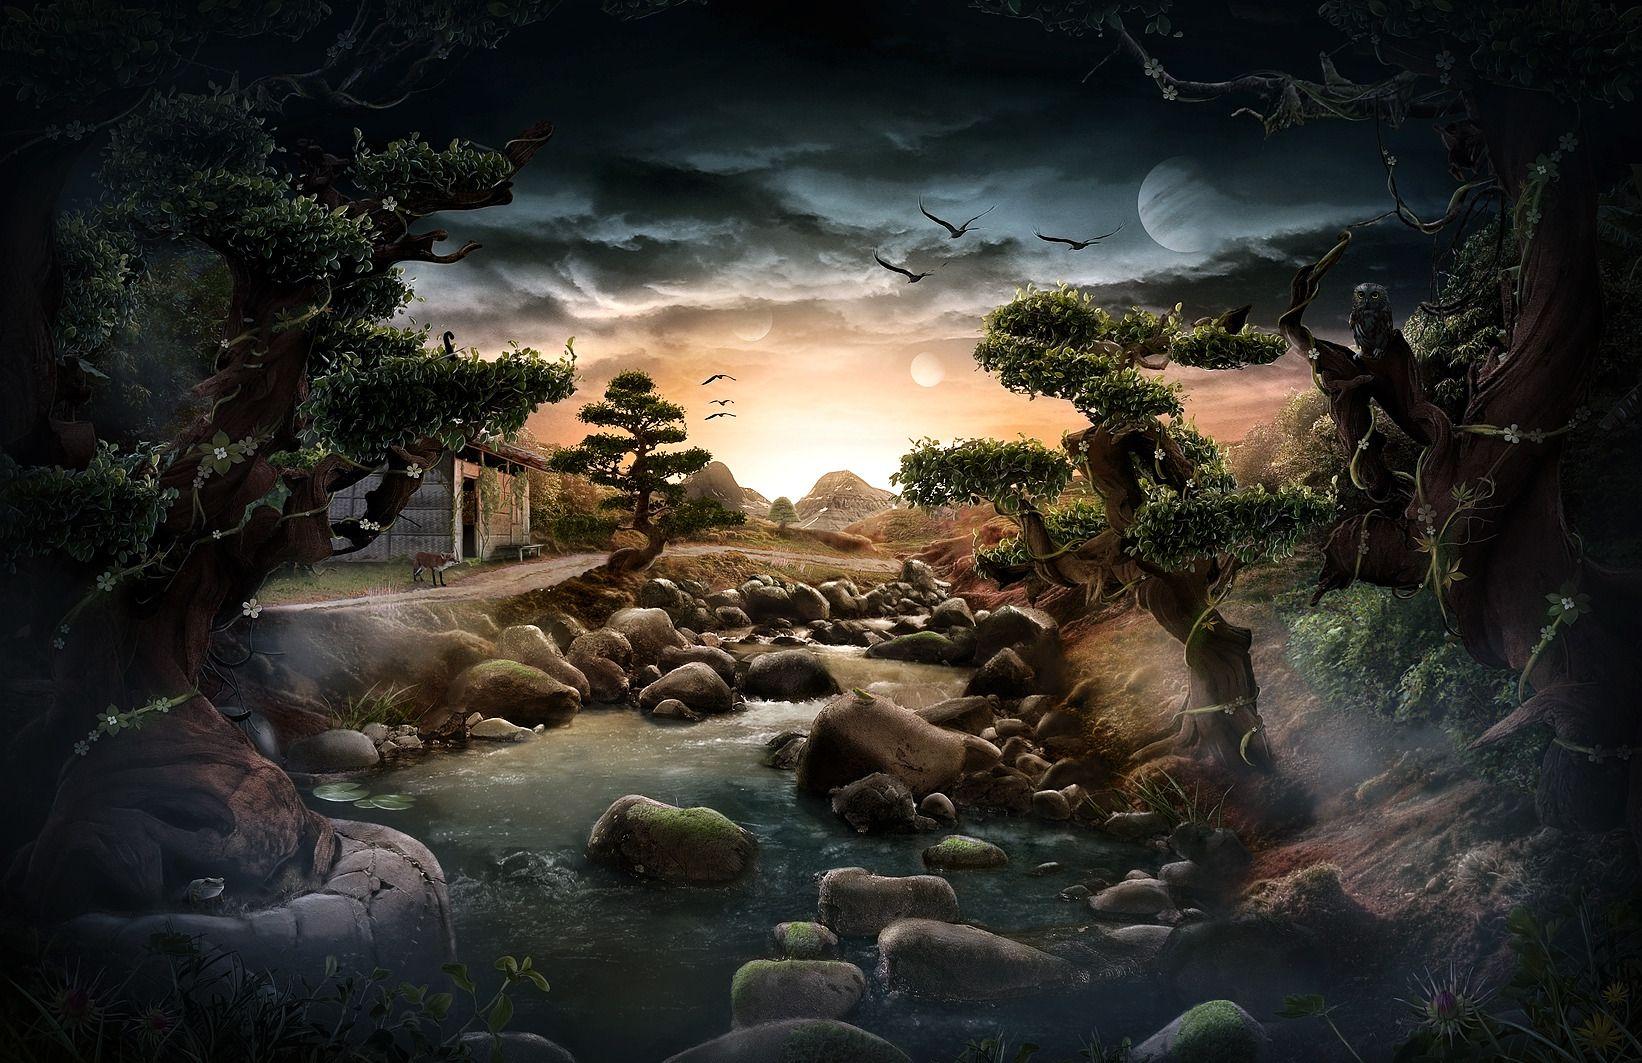 Sci Fi Landscape Wallpaper Sci Fi Landscape Wallpaper Night Scenery Fantasy Landscape Alien Worlds